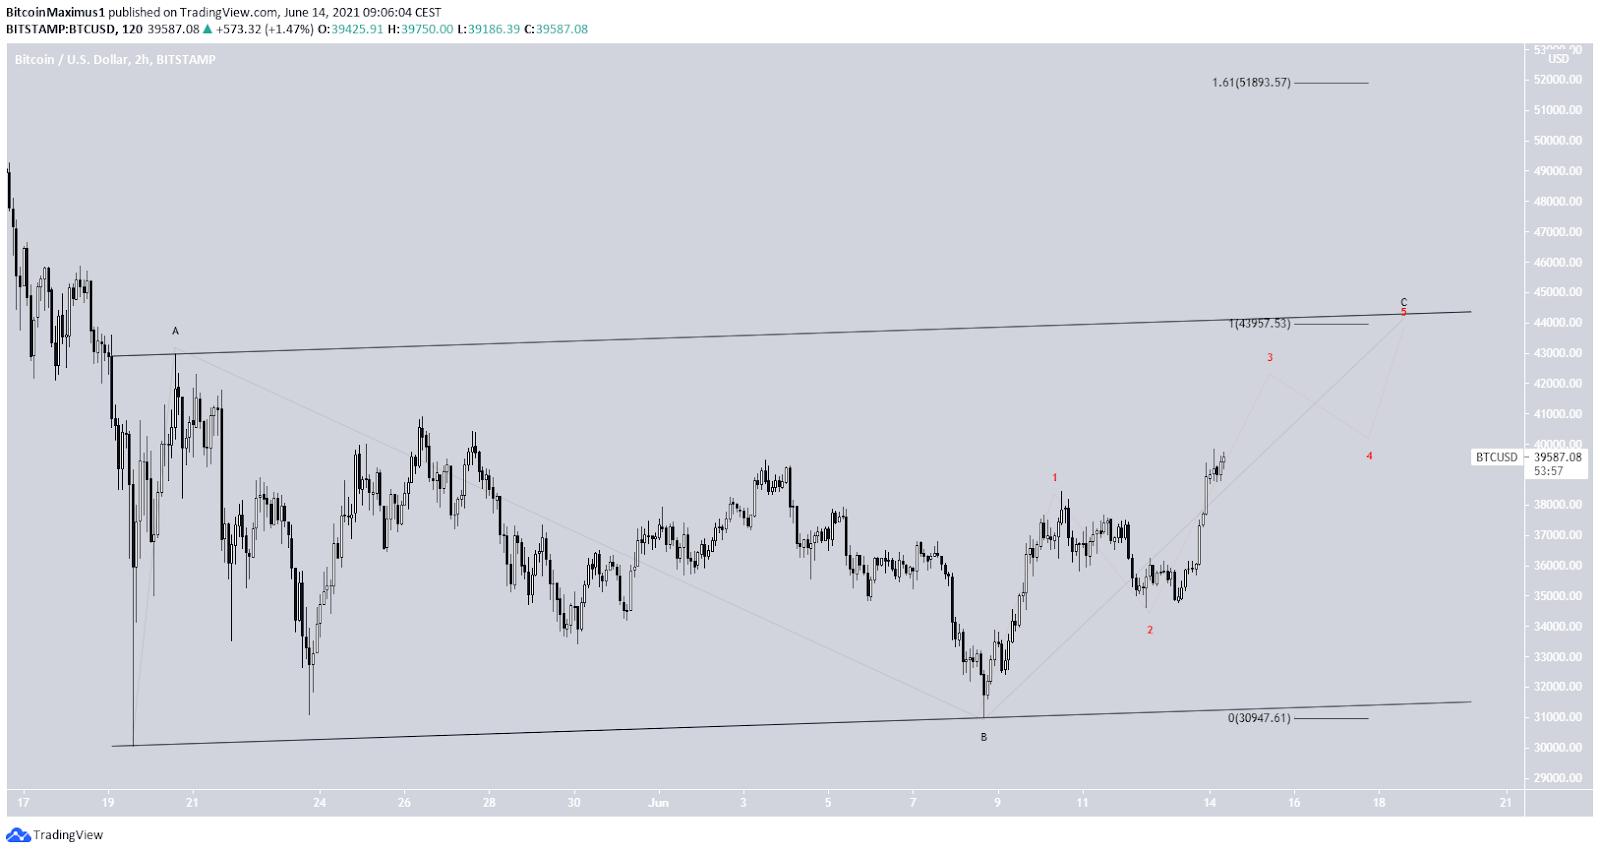 Bitcoin Preis Kurs BTC Wellenzählung 14.06.2021 1